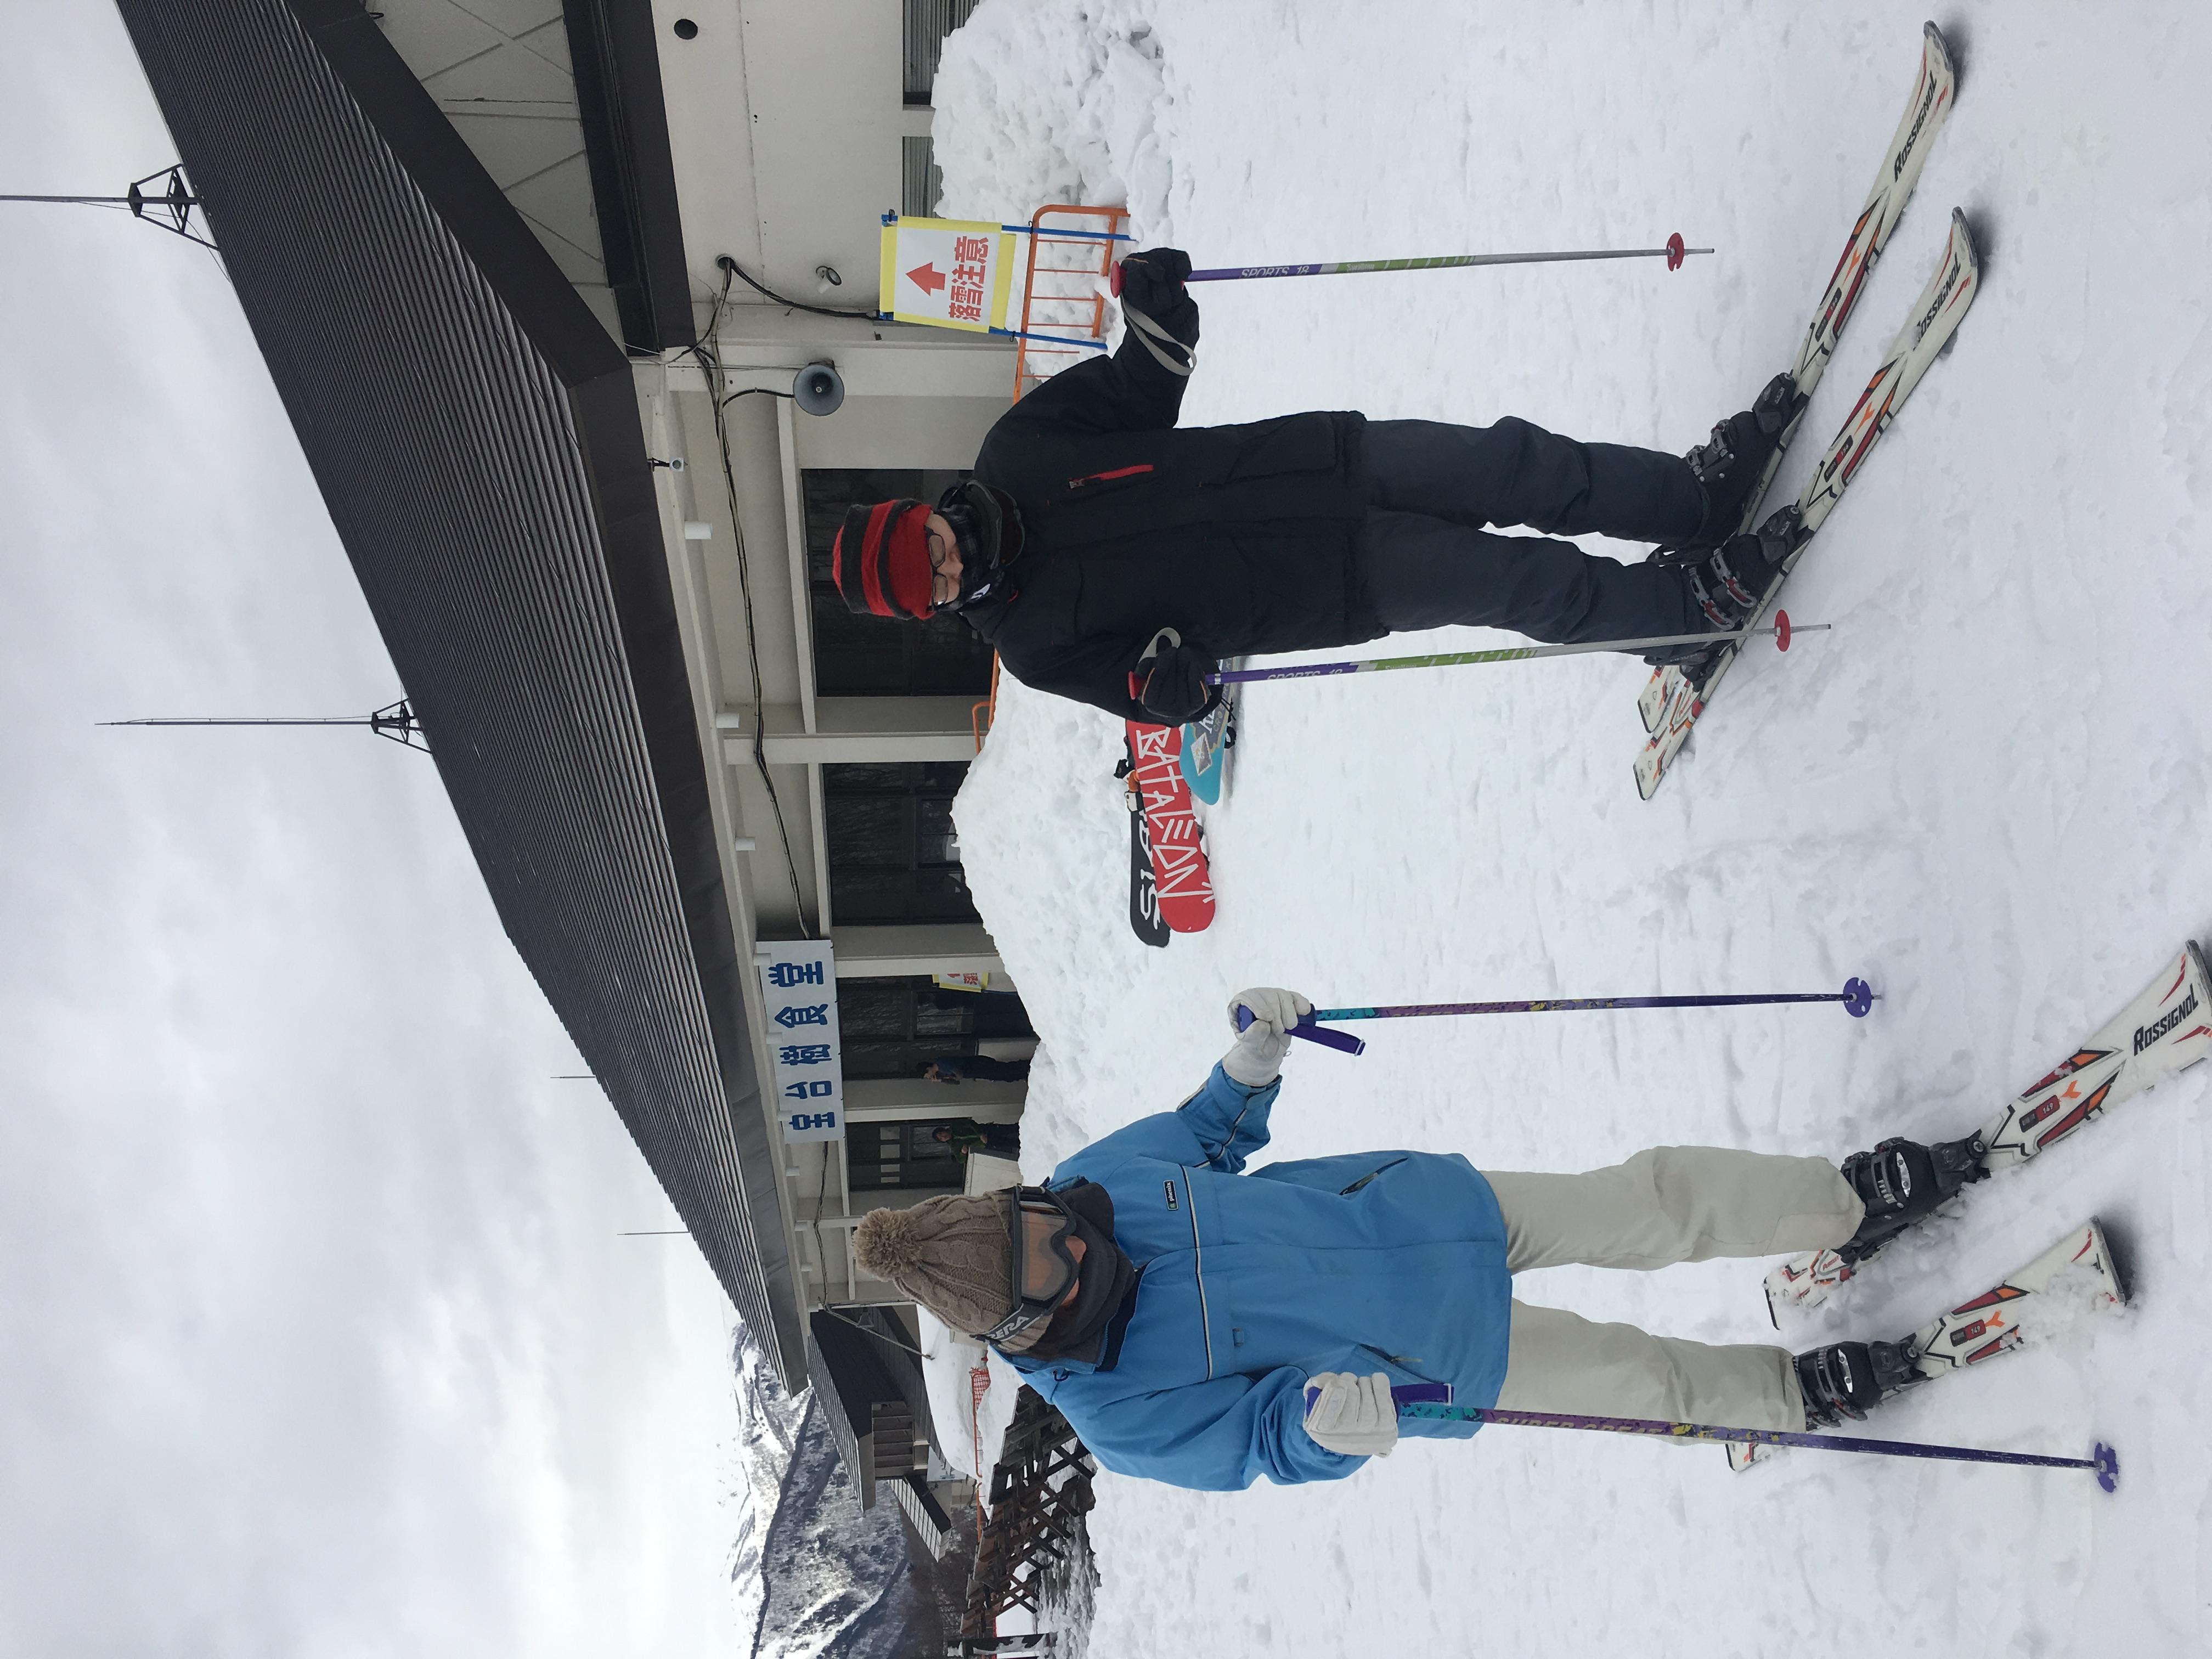 Lab Ski/Snowboard Trip